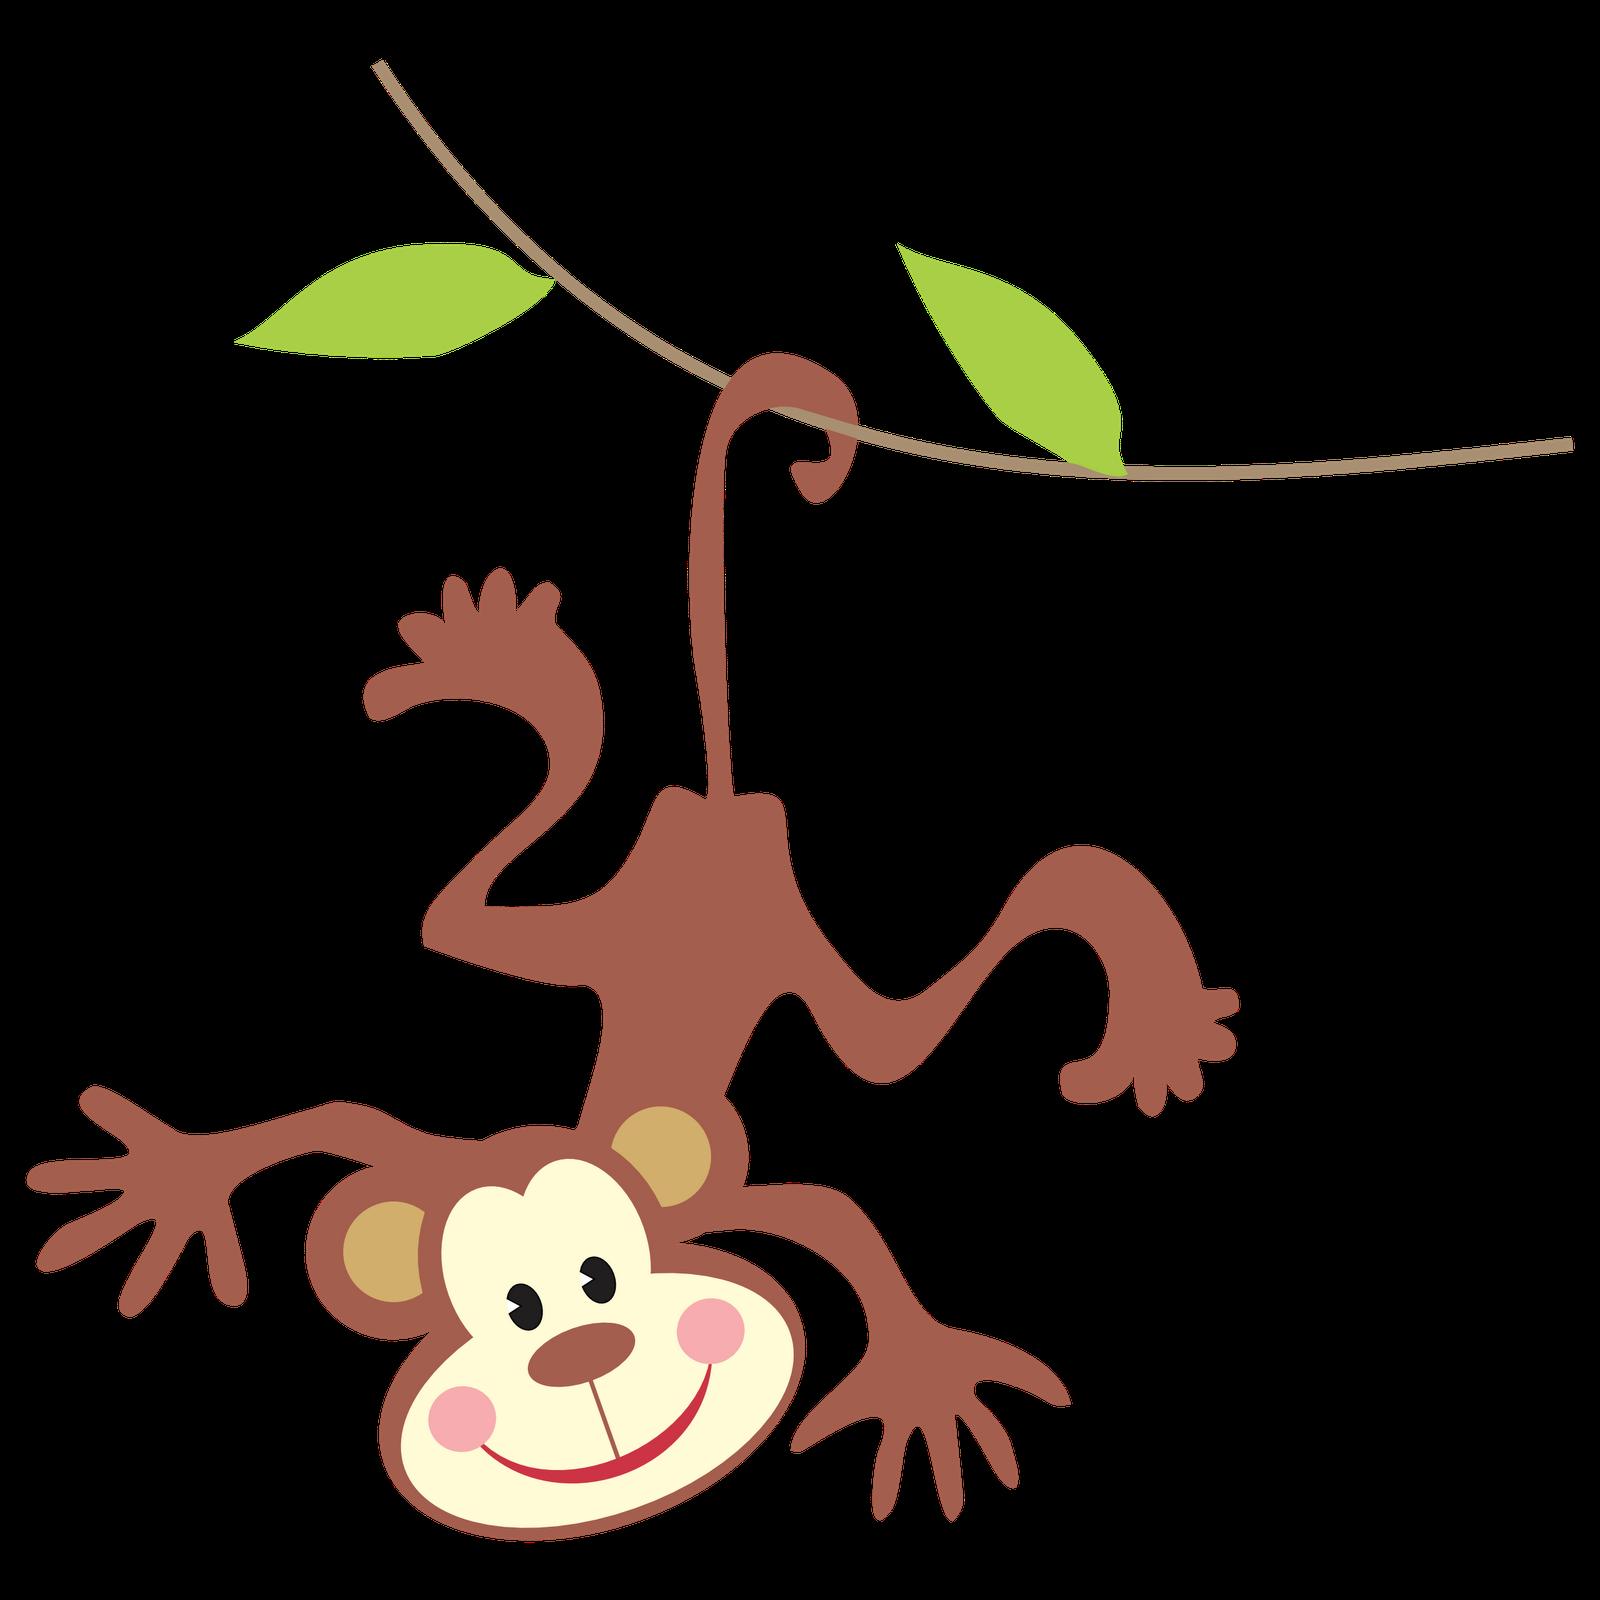 Tree clipart monkey. Baby clip art panda